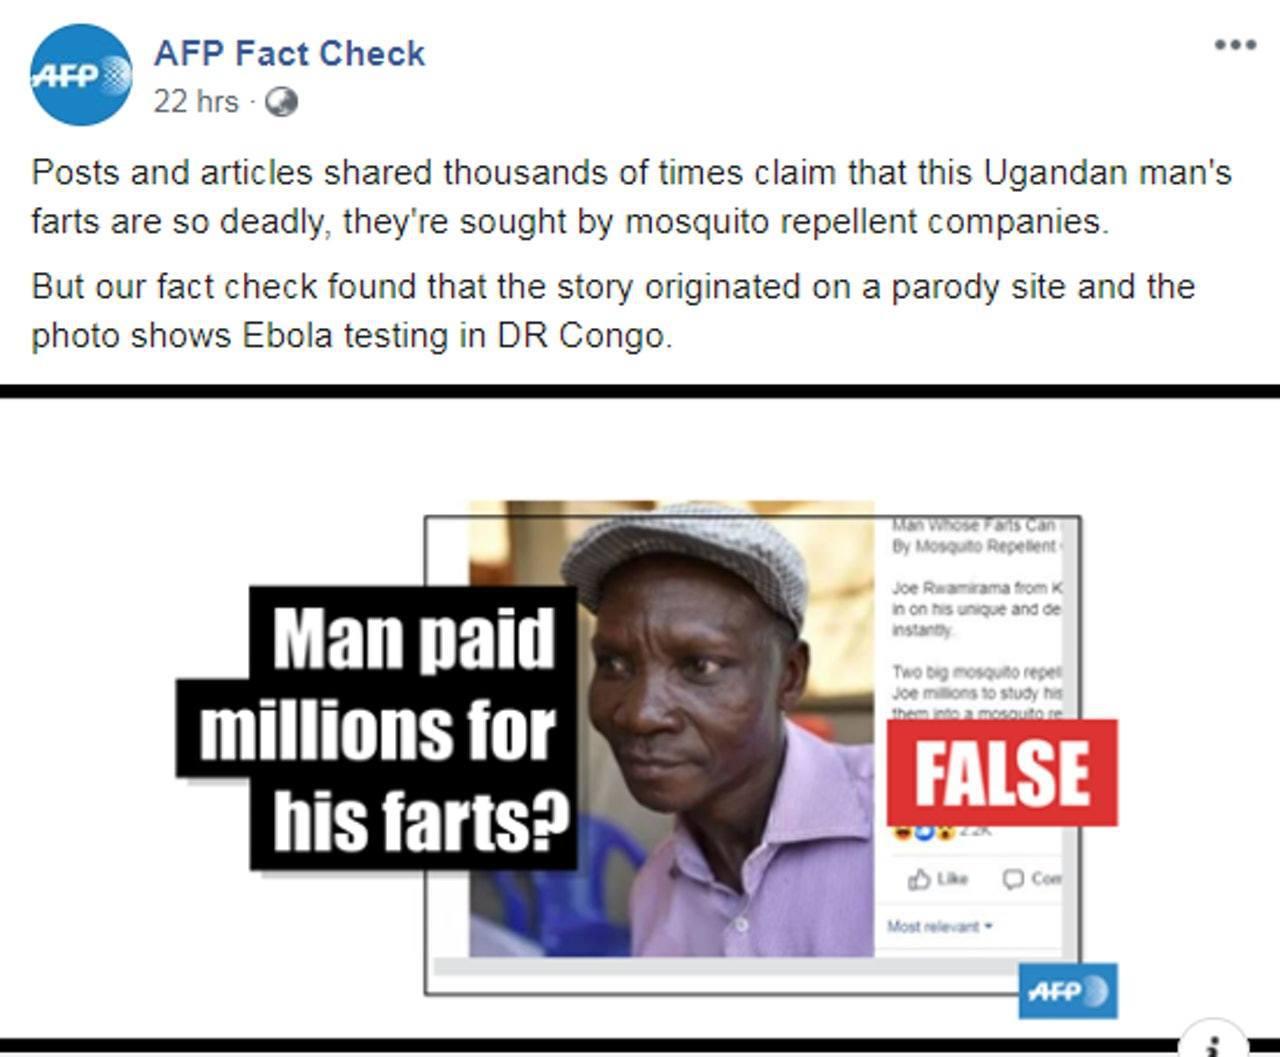 烏干達一名男子稱放屁能將方圓6米內的惡蚊「臭死」,但《法新社》求證部門調查後,發...